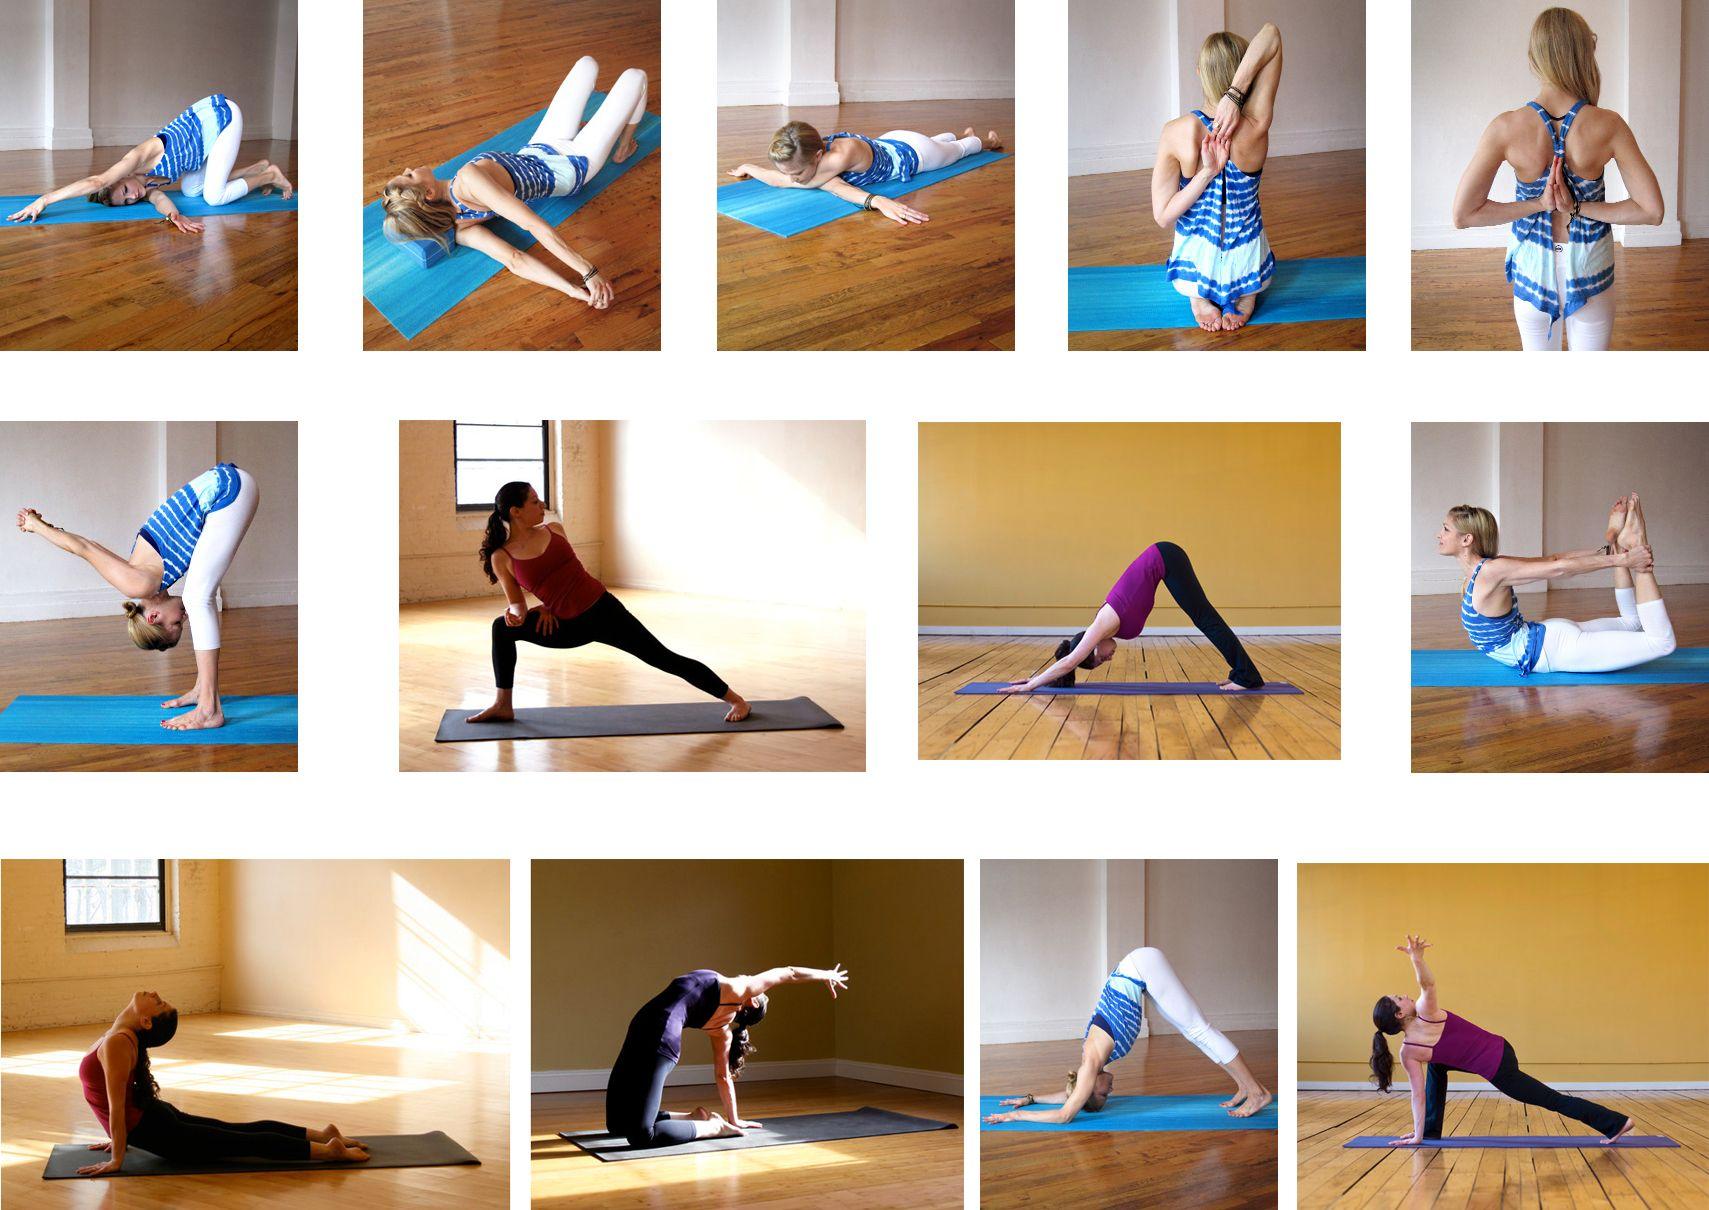 Secuencia de yoga para abrir el pechoyoga para principiantes ejercicios pinterest - Ejercicios yoga en casa ...